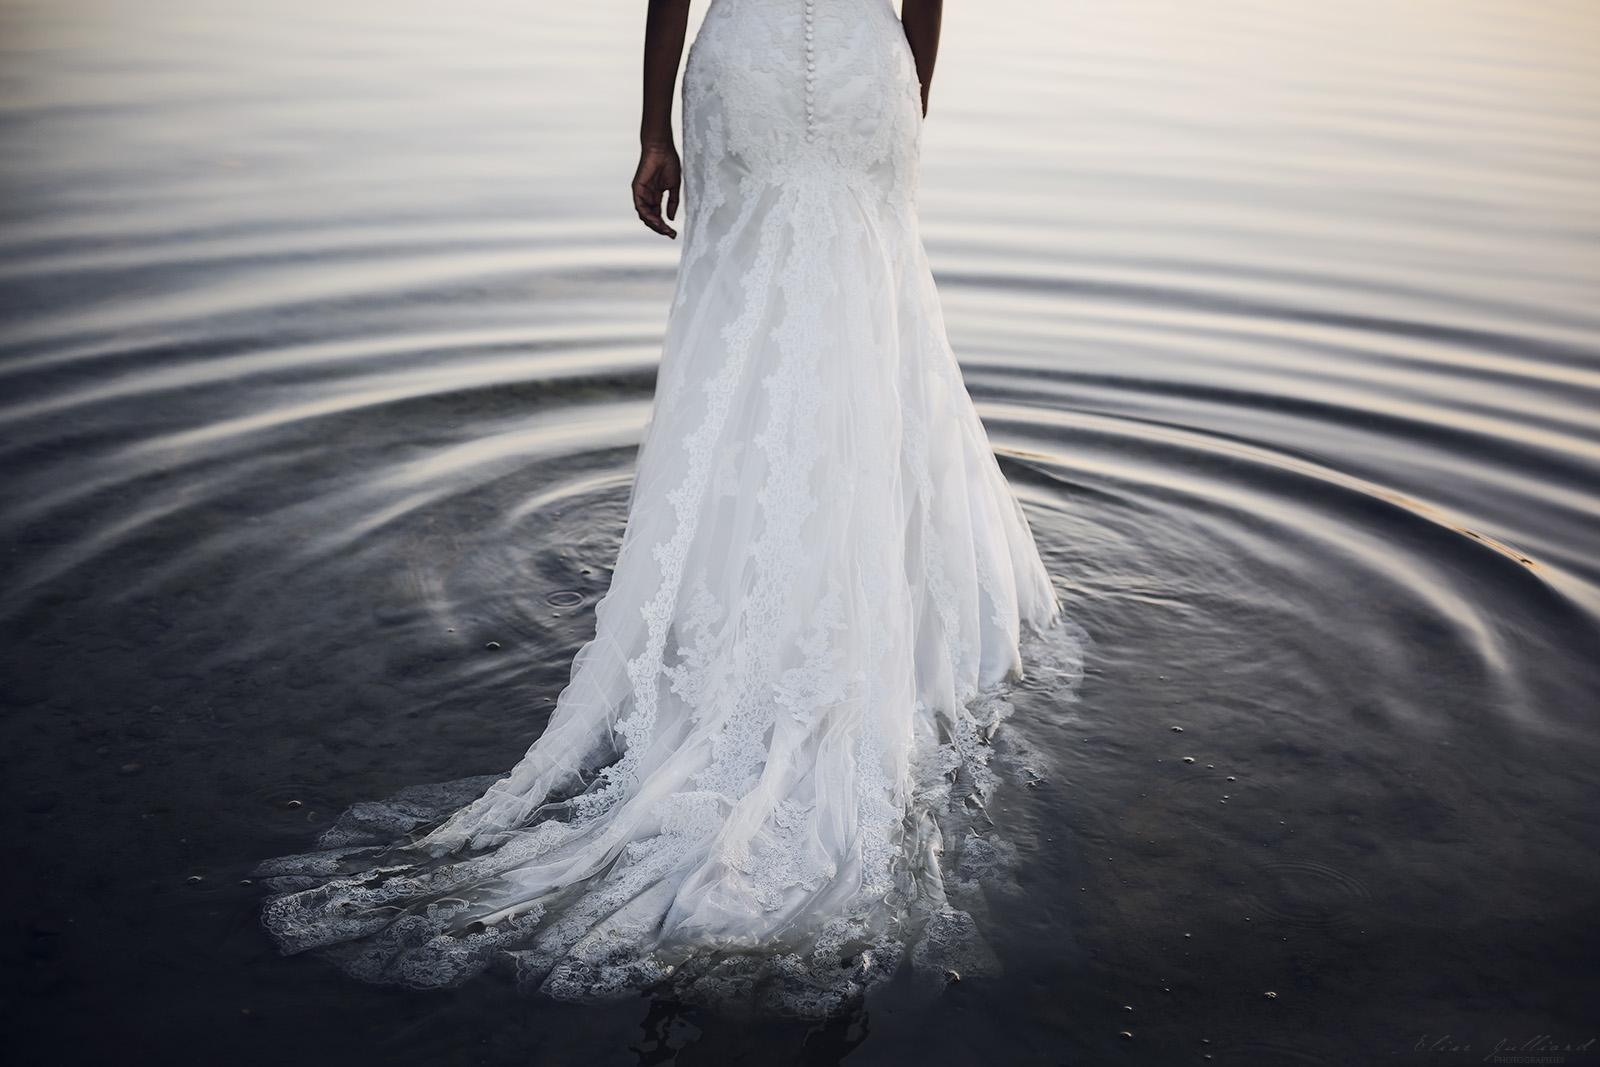 mariage-lyon-auvergne-rhone-alpes-seance-couple-day-after-trash-the-dress-amour-amoureux-wedding-elise-julliard-photographe-portrait-miribel-jonage